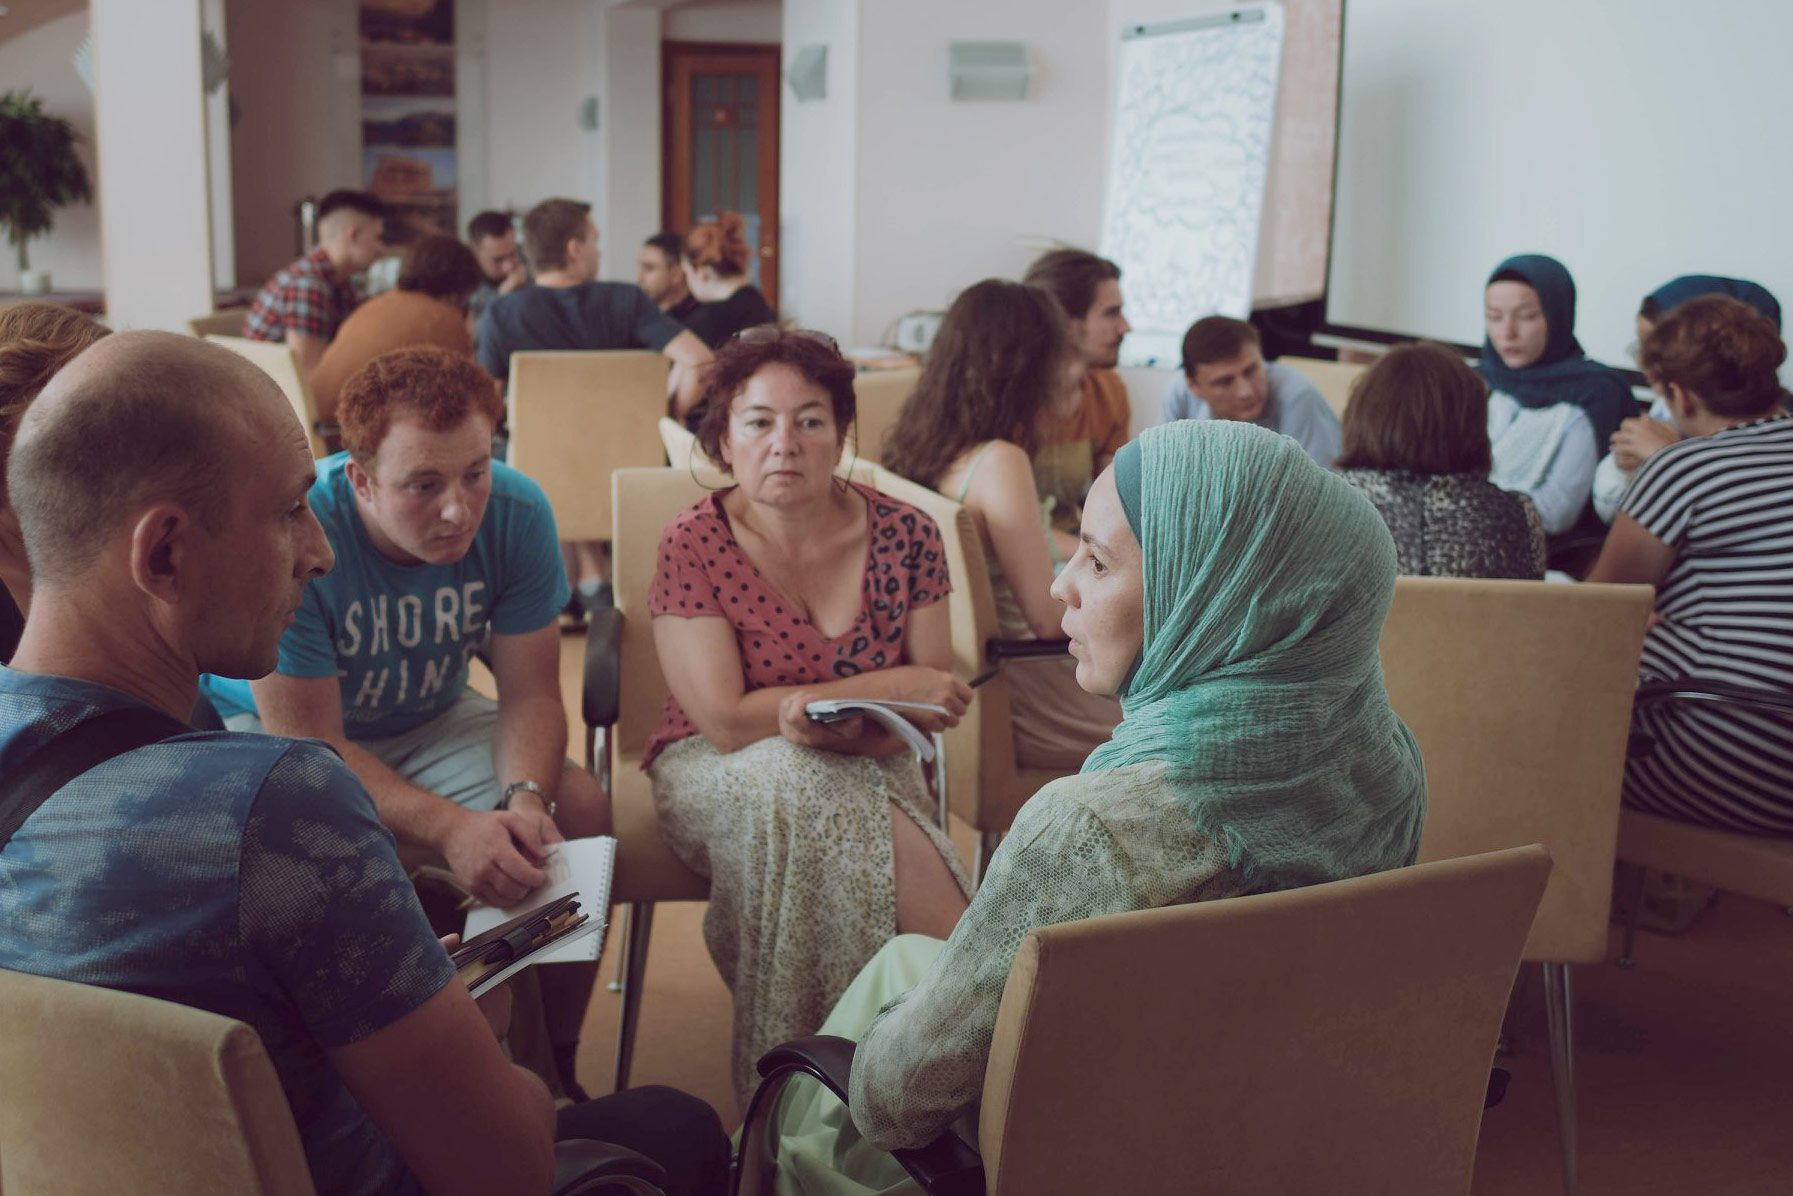 stan002 - <b>Амбассадоры разнообразия.</b> Как активисты со всей Украины продвигают толерантность - Заборона